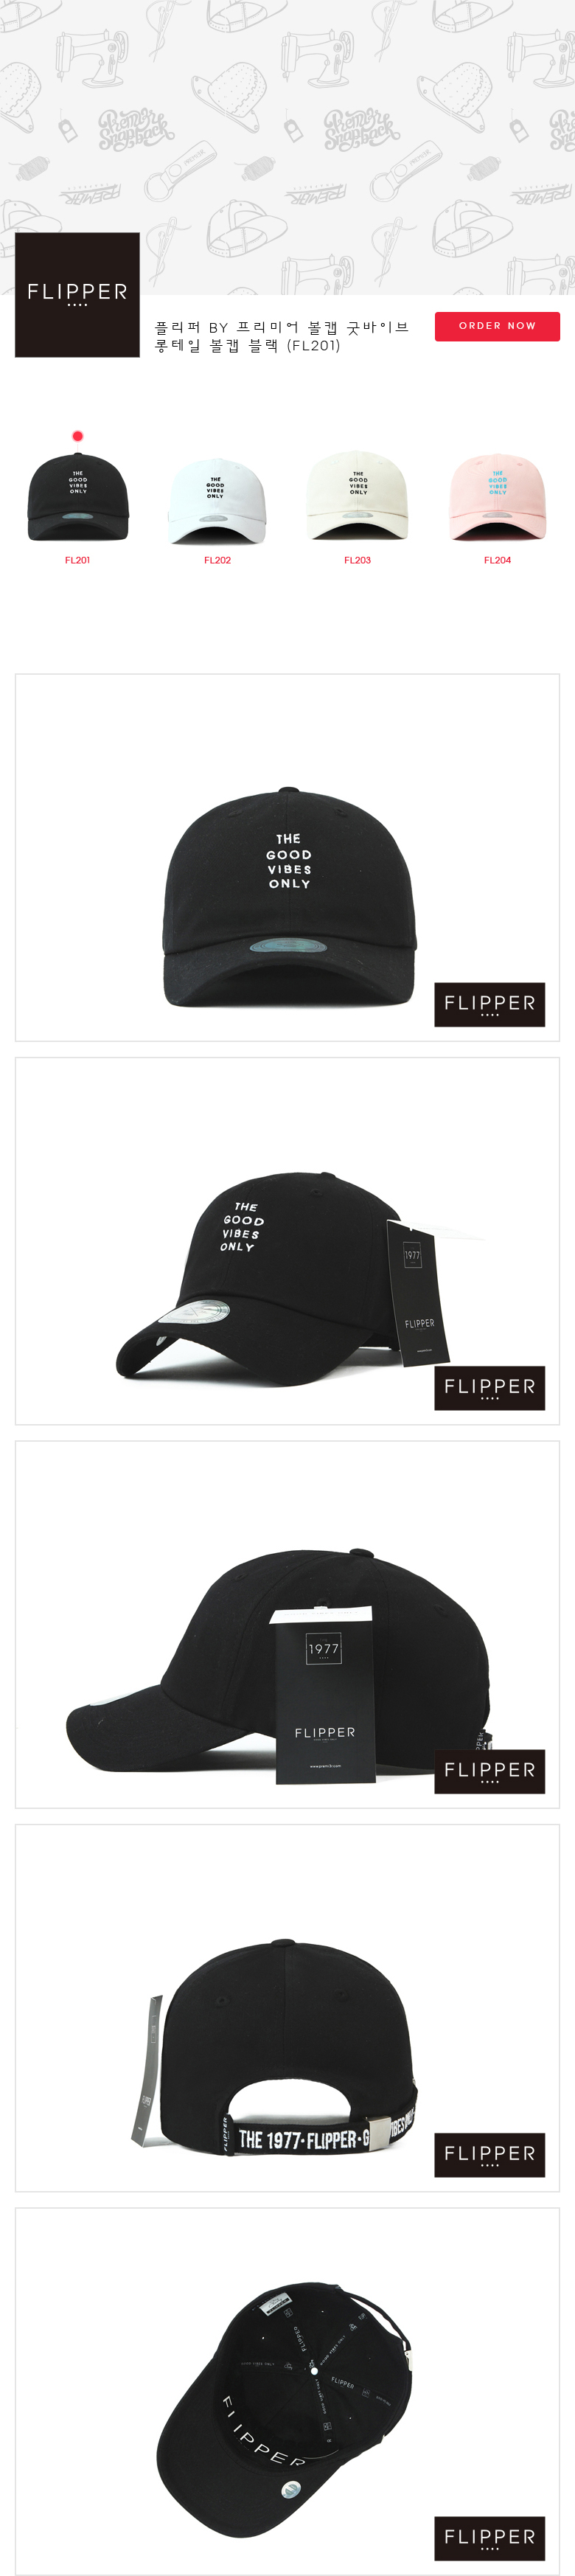 [ PREMIER ] [卓越]翻转球帽好合作对象长尾球帽黑色(FL201)